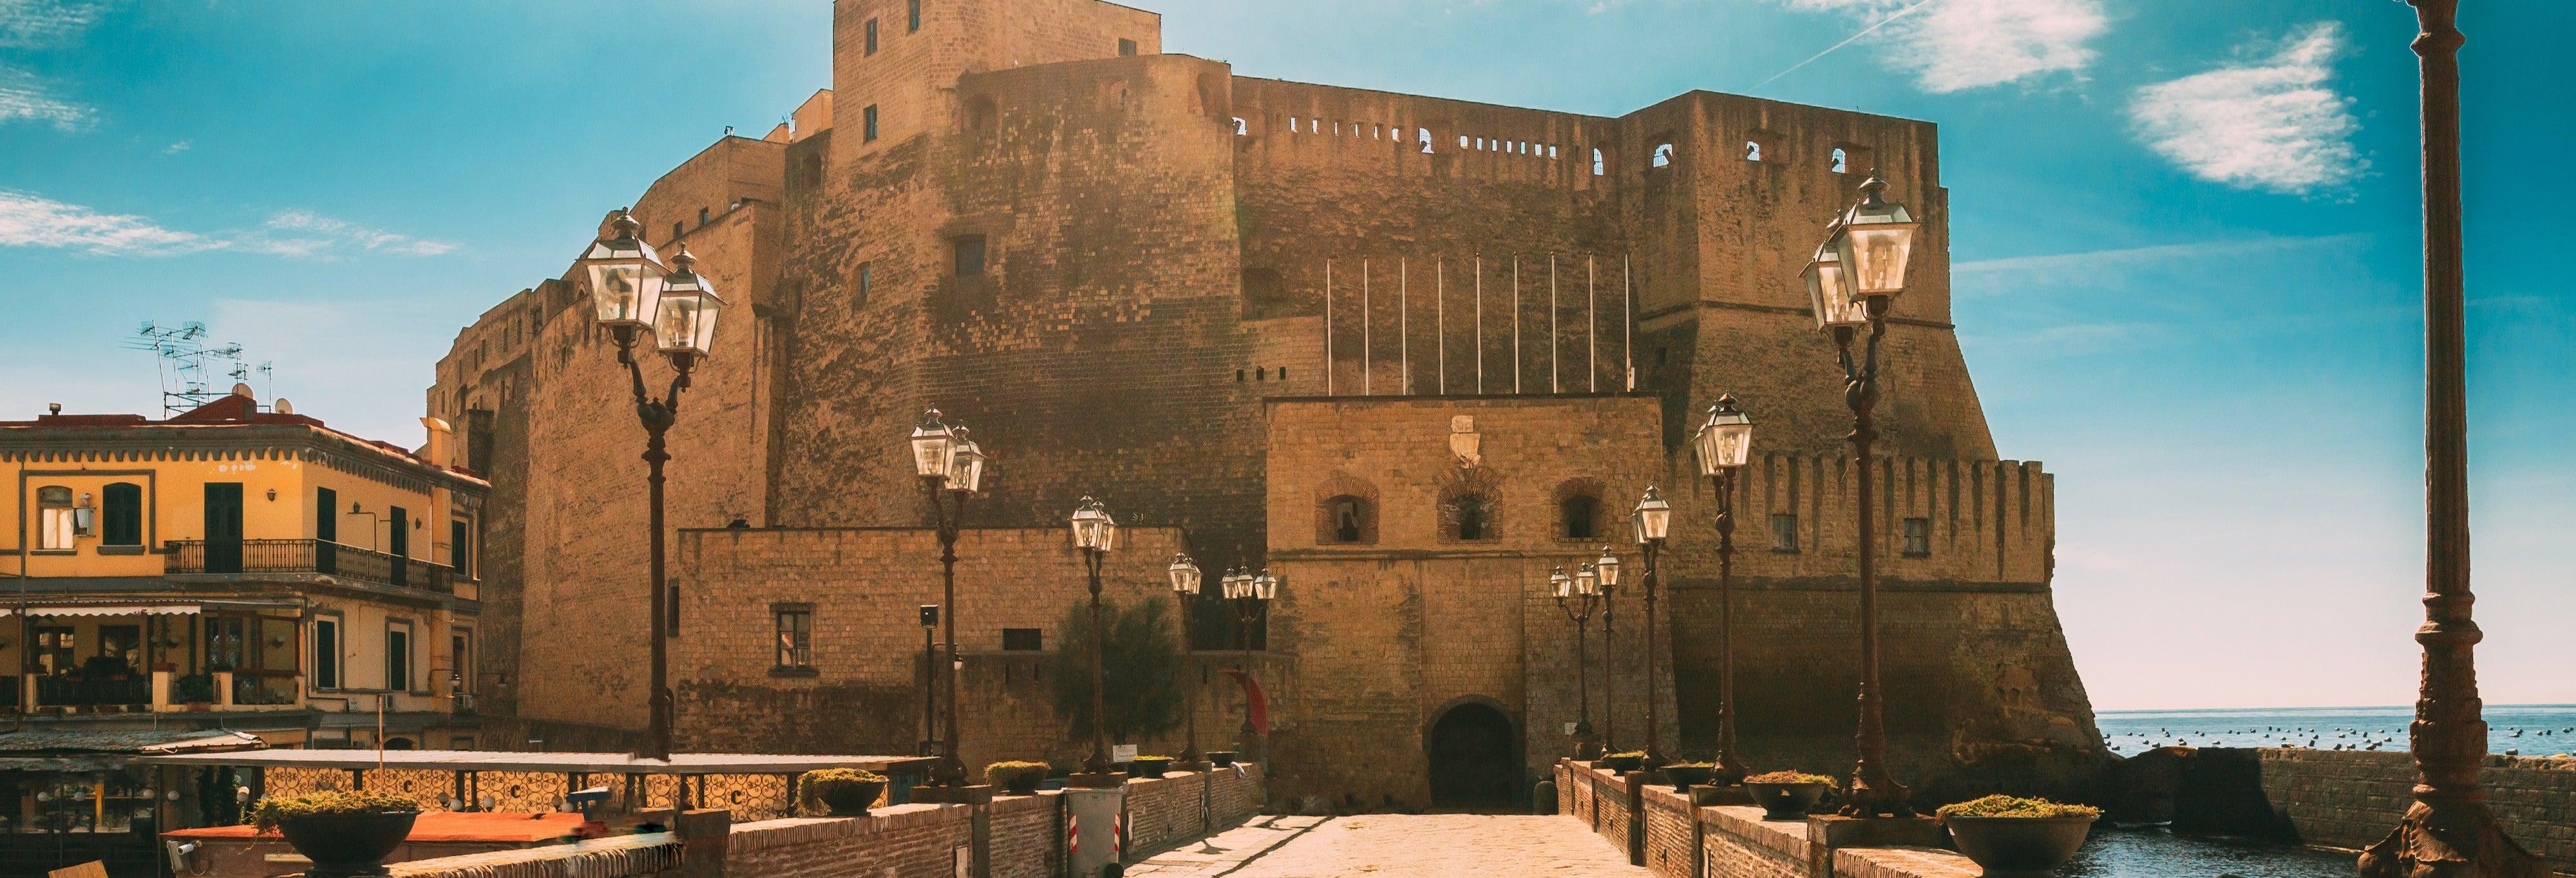 Tour delle origini di Napoli: da Castel dell'Ovo al Maschio Angioino